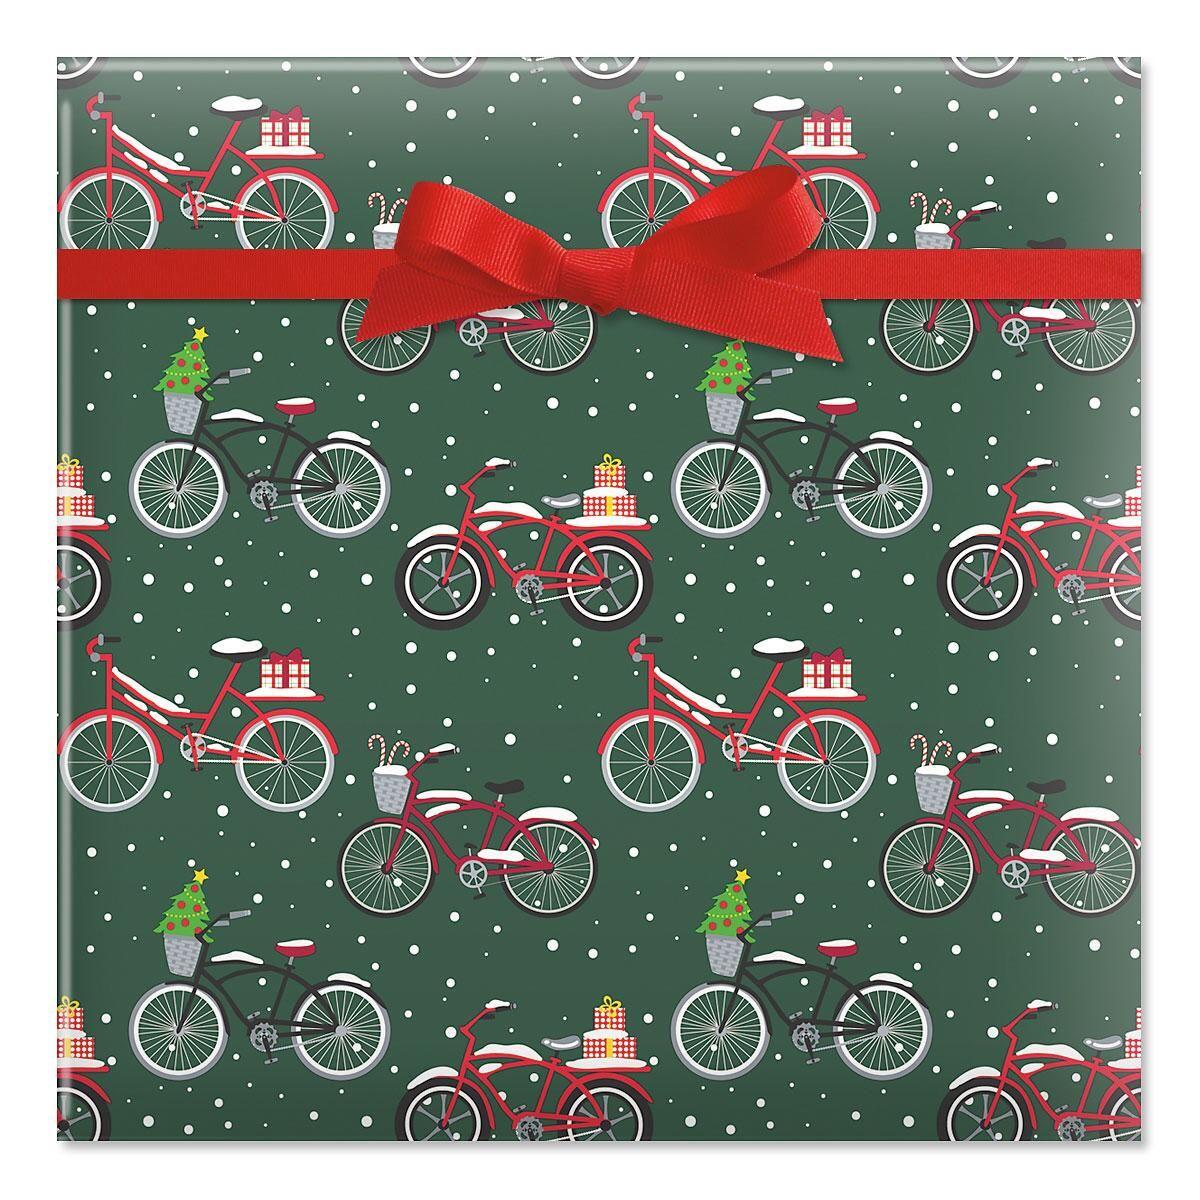 Christmas Bicycles Jumbo Rolled Gift Wrap